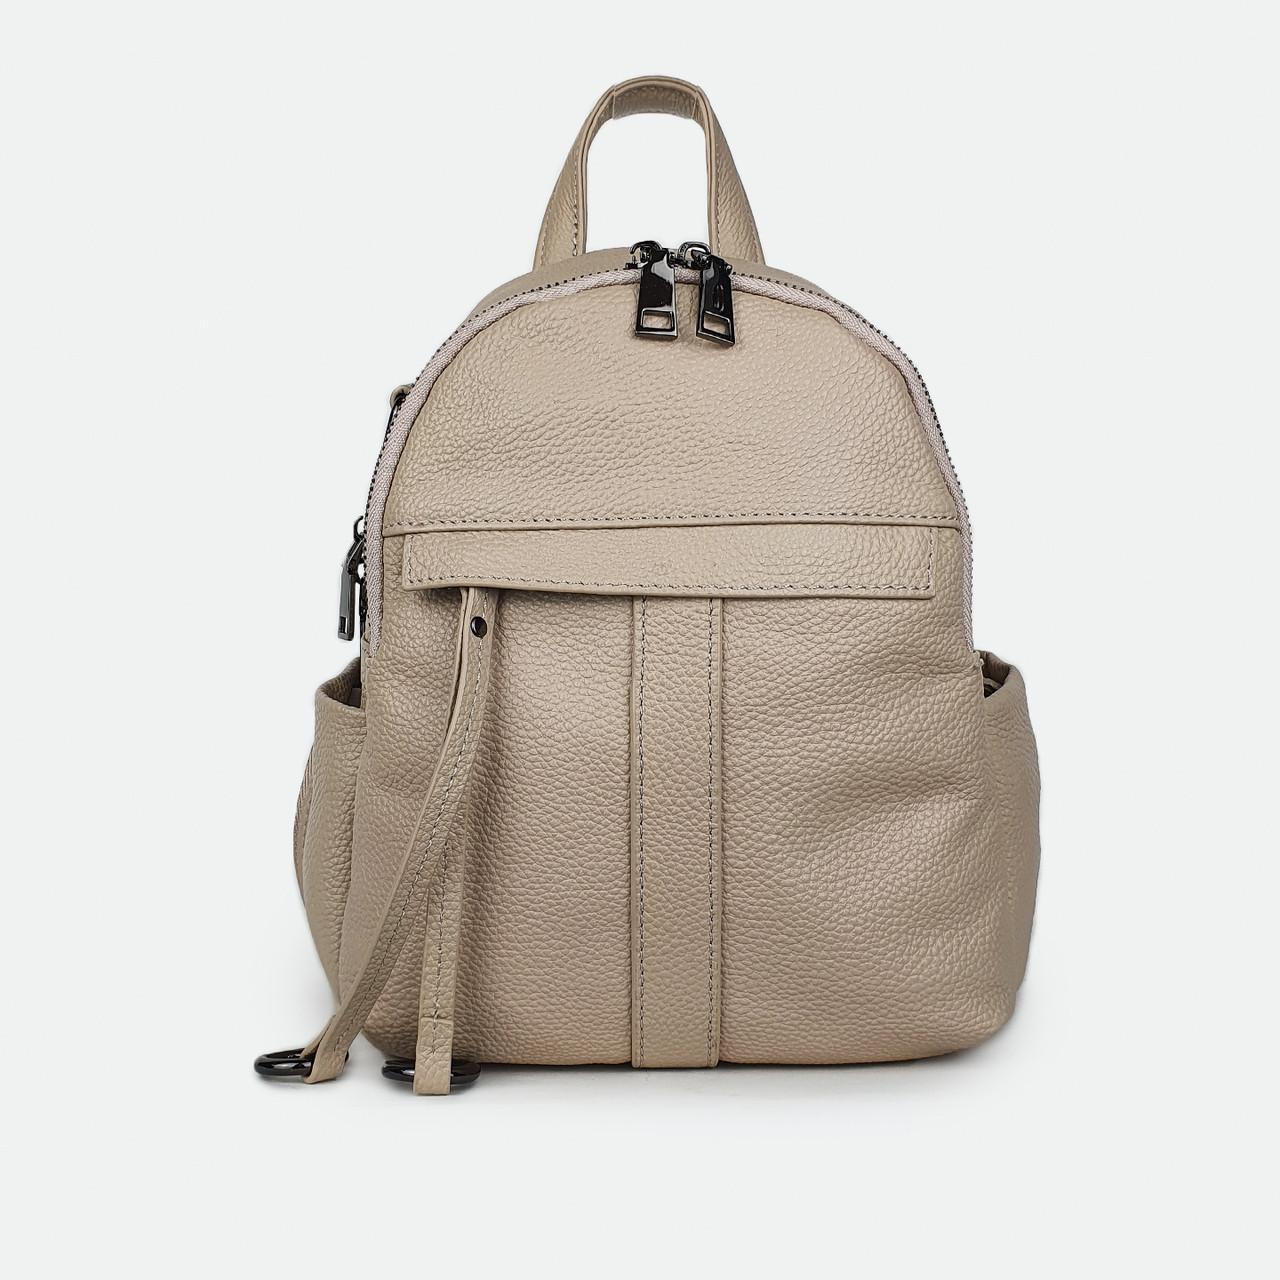 Стильний сумка-рюкзак жіночий шкіряний бежевий маленький